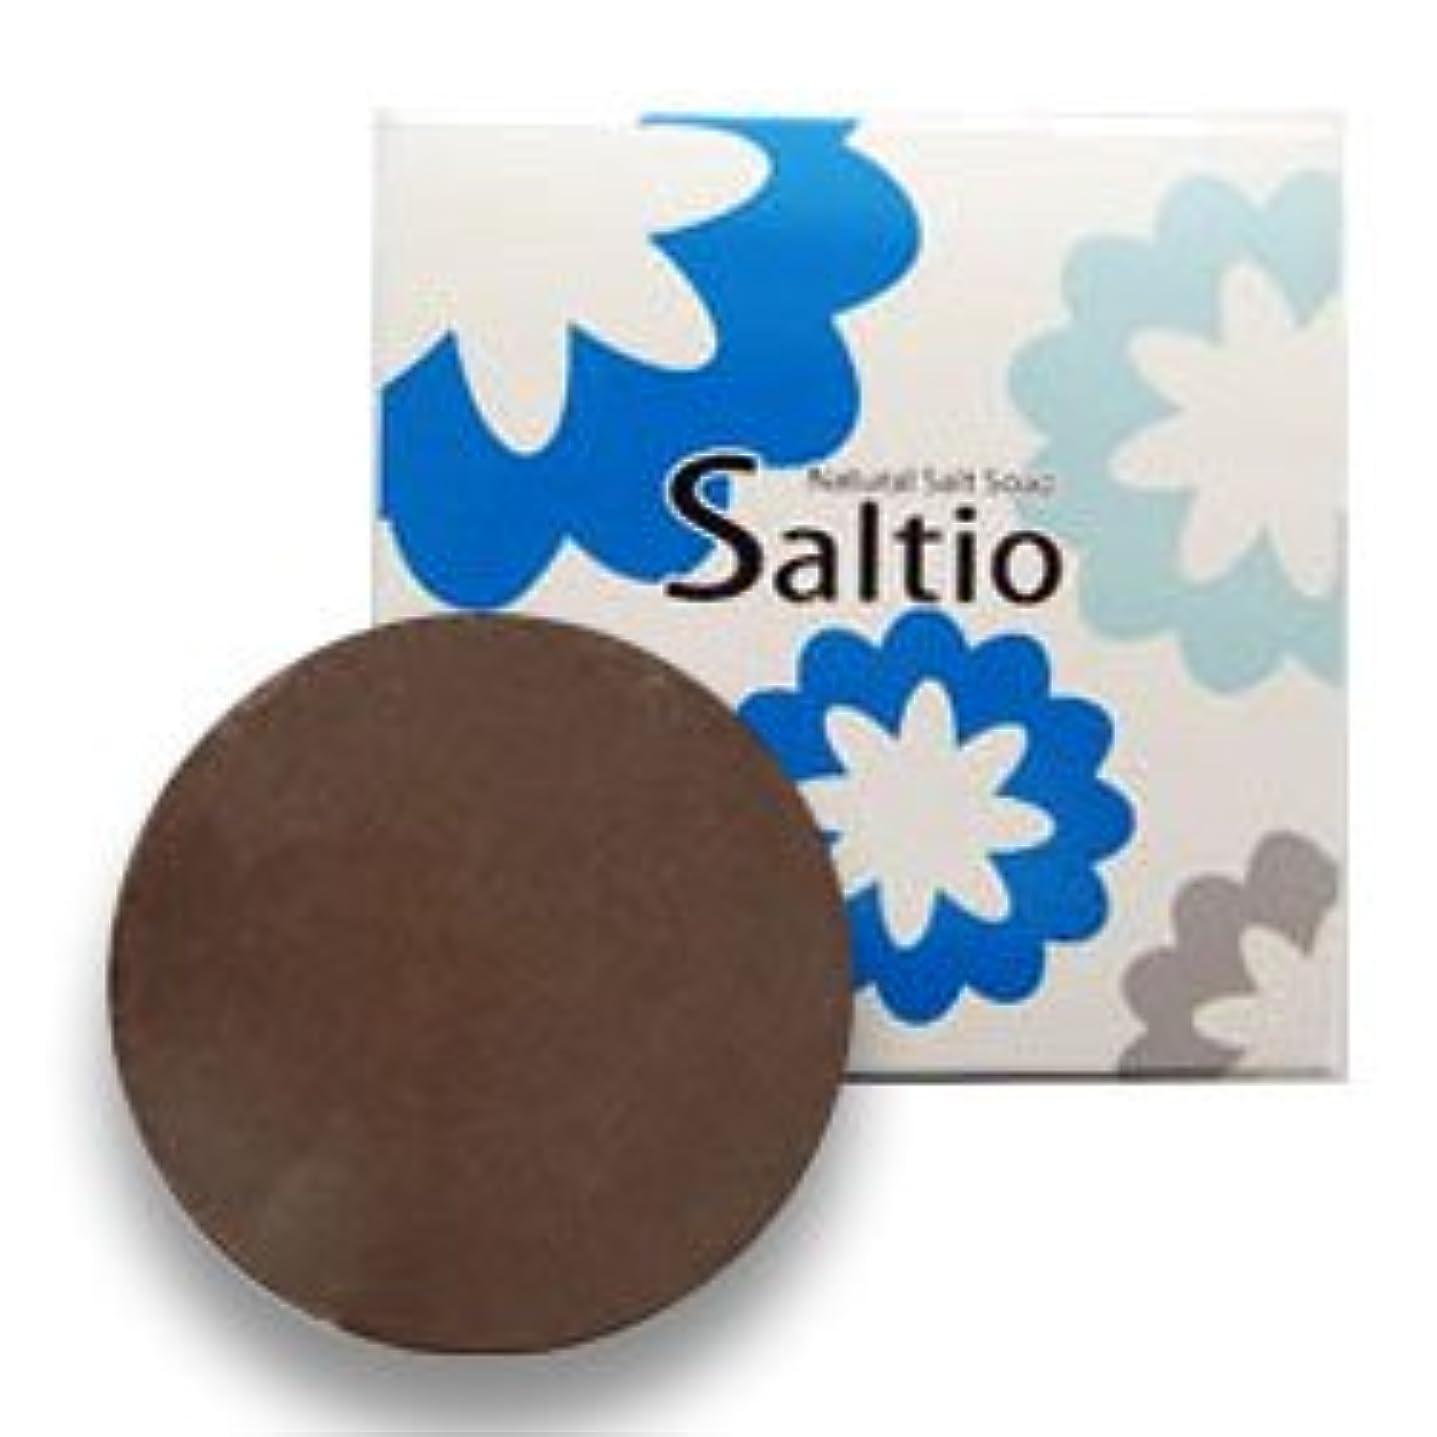 スキャン迅速句無添加 石鹸 Saltio ソルティオ 泡立てネット 付き ( 洗顔?浴用 石けん ) 80g  / デオドラント